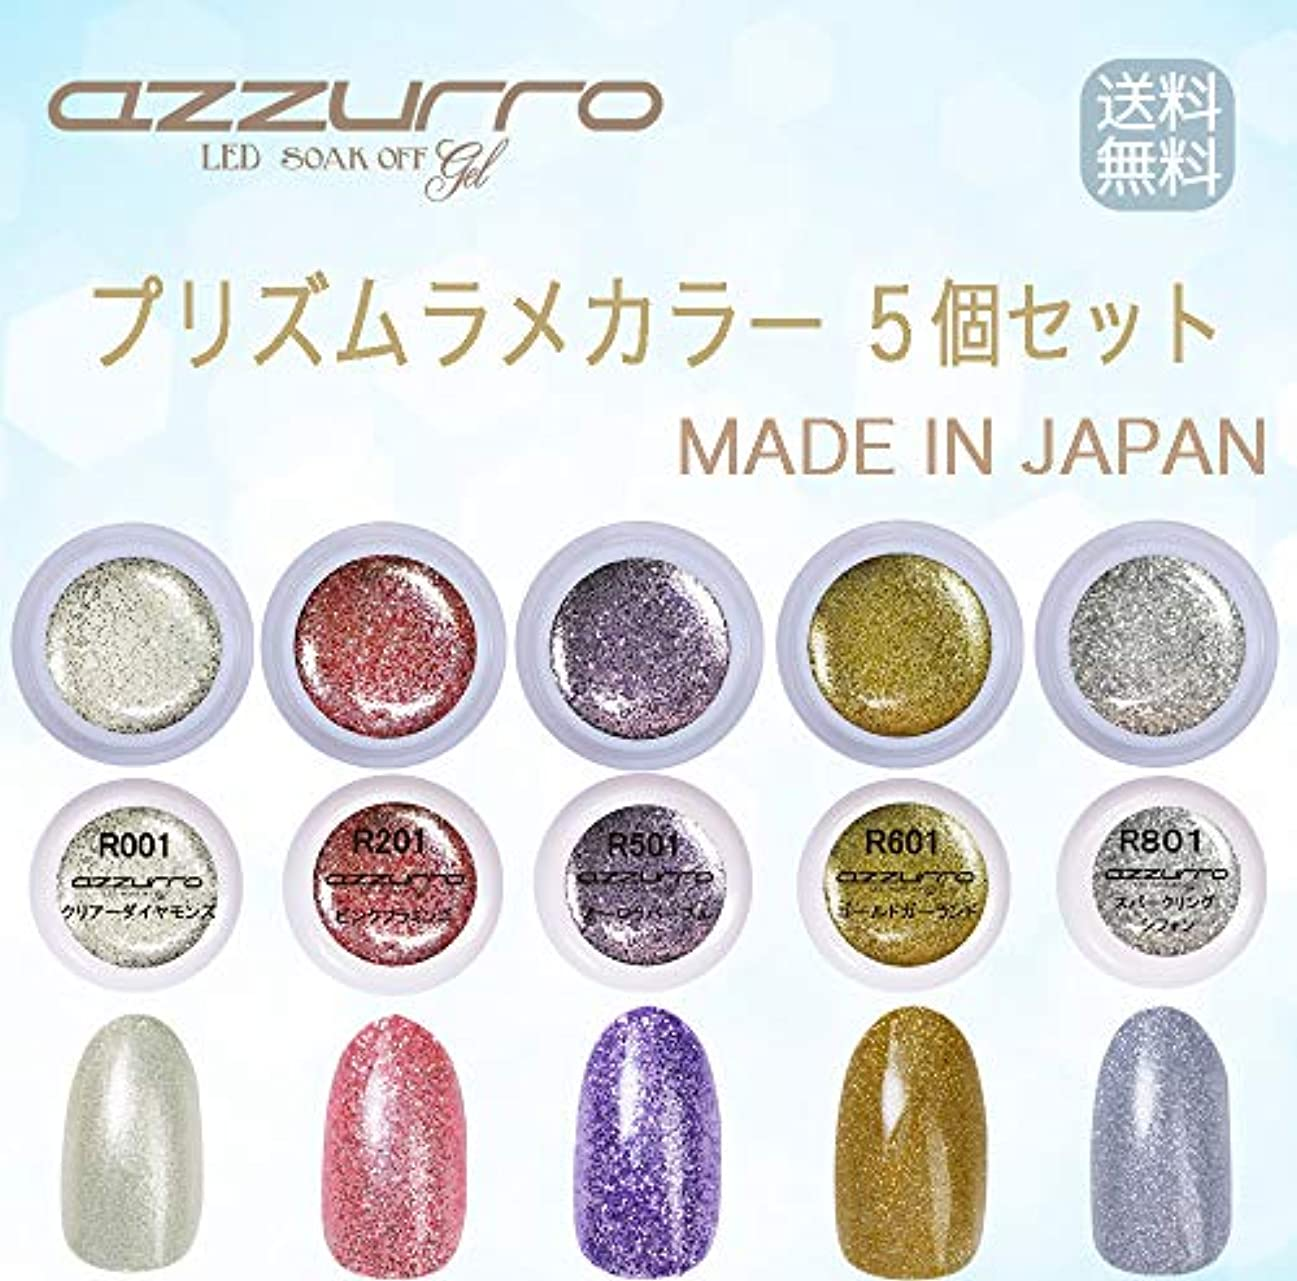 施設カスケード伝える【送料無料】日本製 azzurro gel プリズムラメカラージェル5個セット キラキラネイルにぴったりなカラー